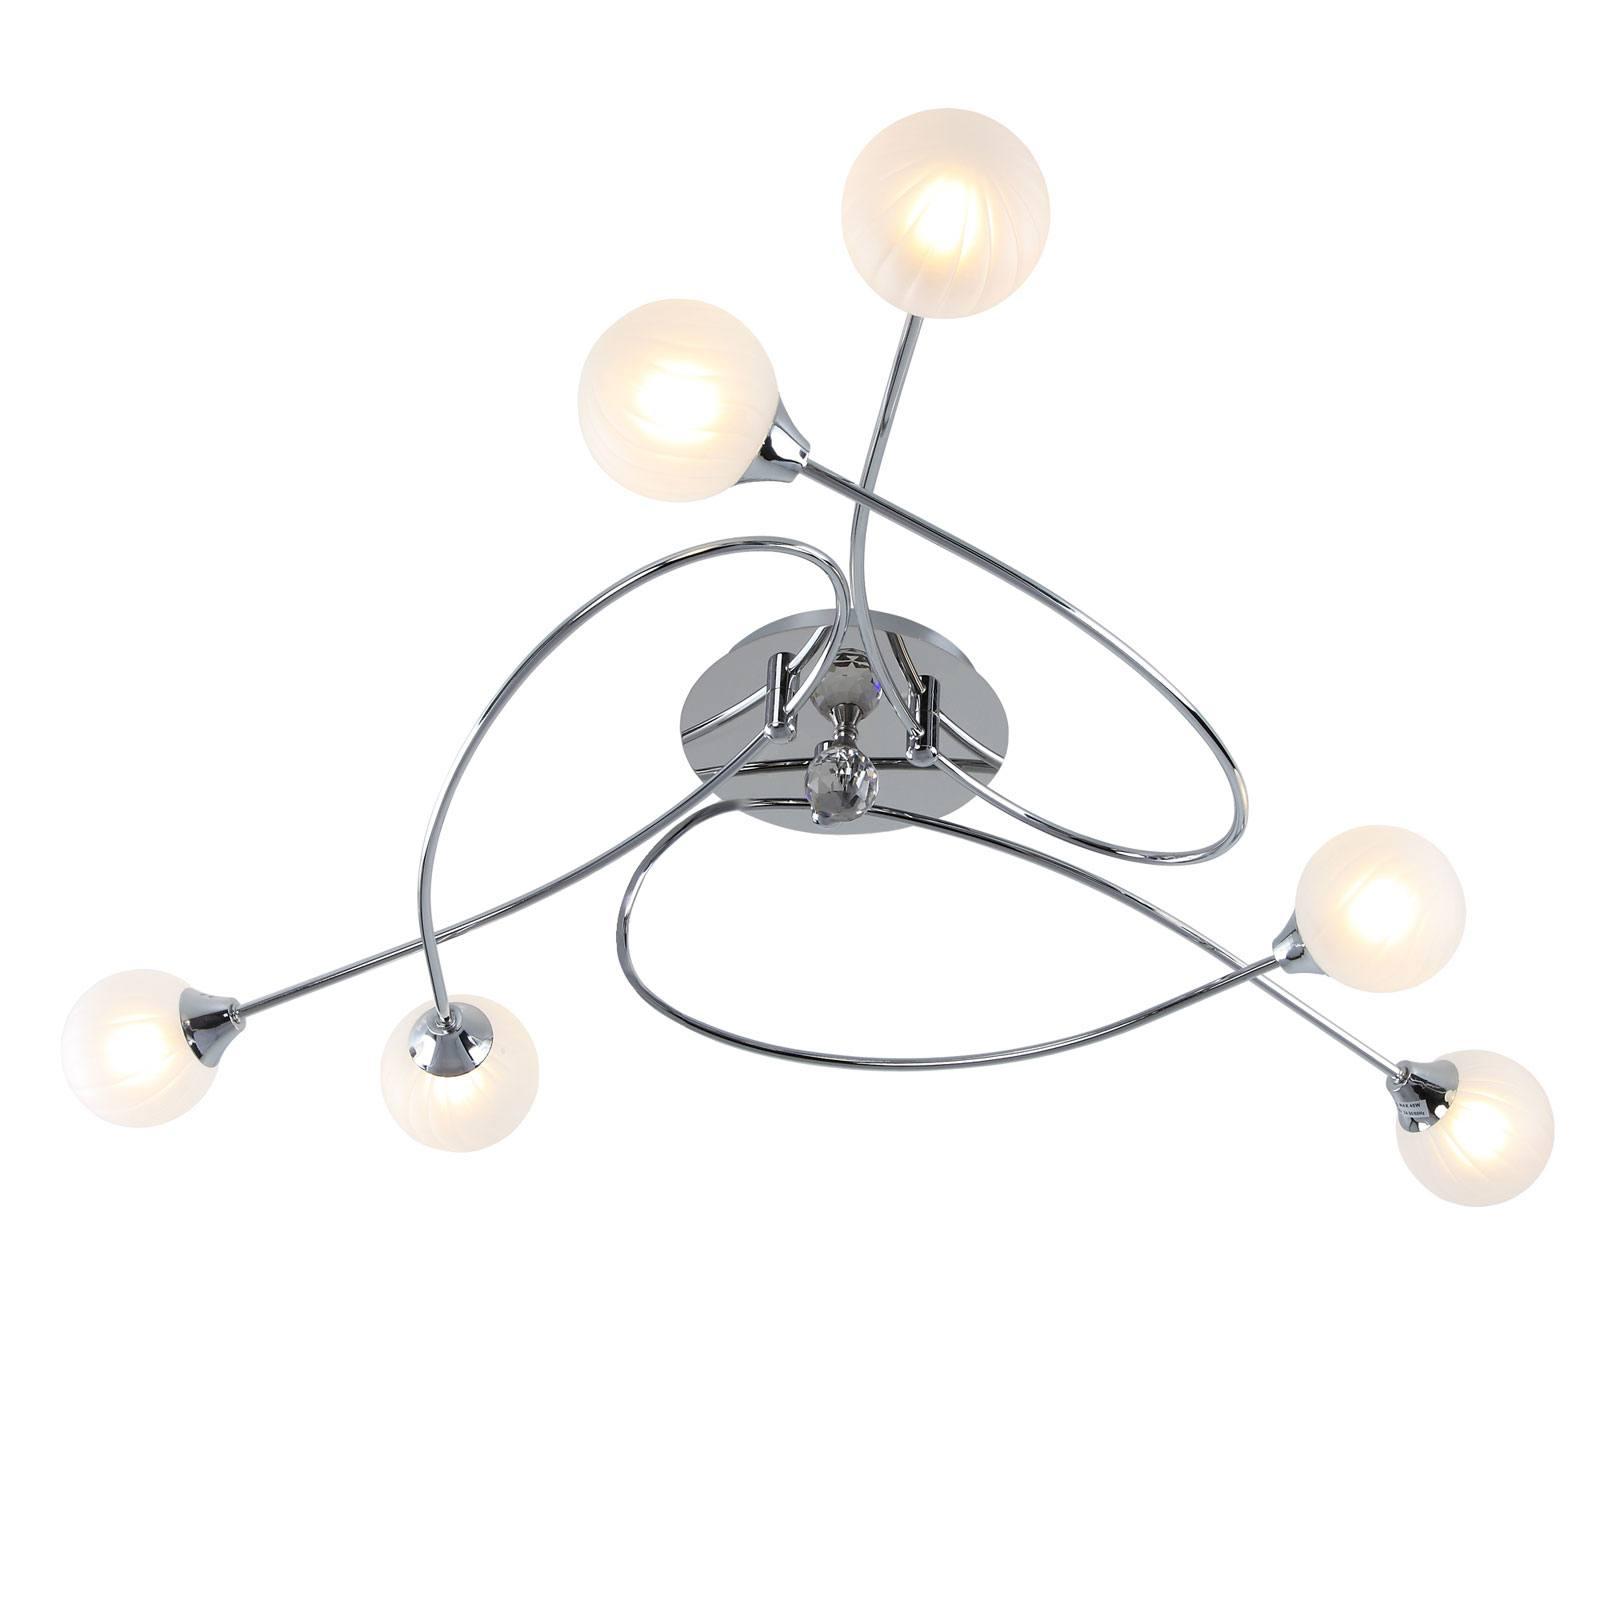 Full Size of Deckenleuchte Wohnzimmer 6 Flammig Glas Chrom Lampe Dimmbar 230v Lampen Küche Esstisch Moderne Deckenlampe Bad Hängeschrank Weiß Hochglanz Hängelampe Decke Wohnzimmer Wohnzimmer Lampe